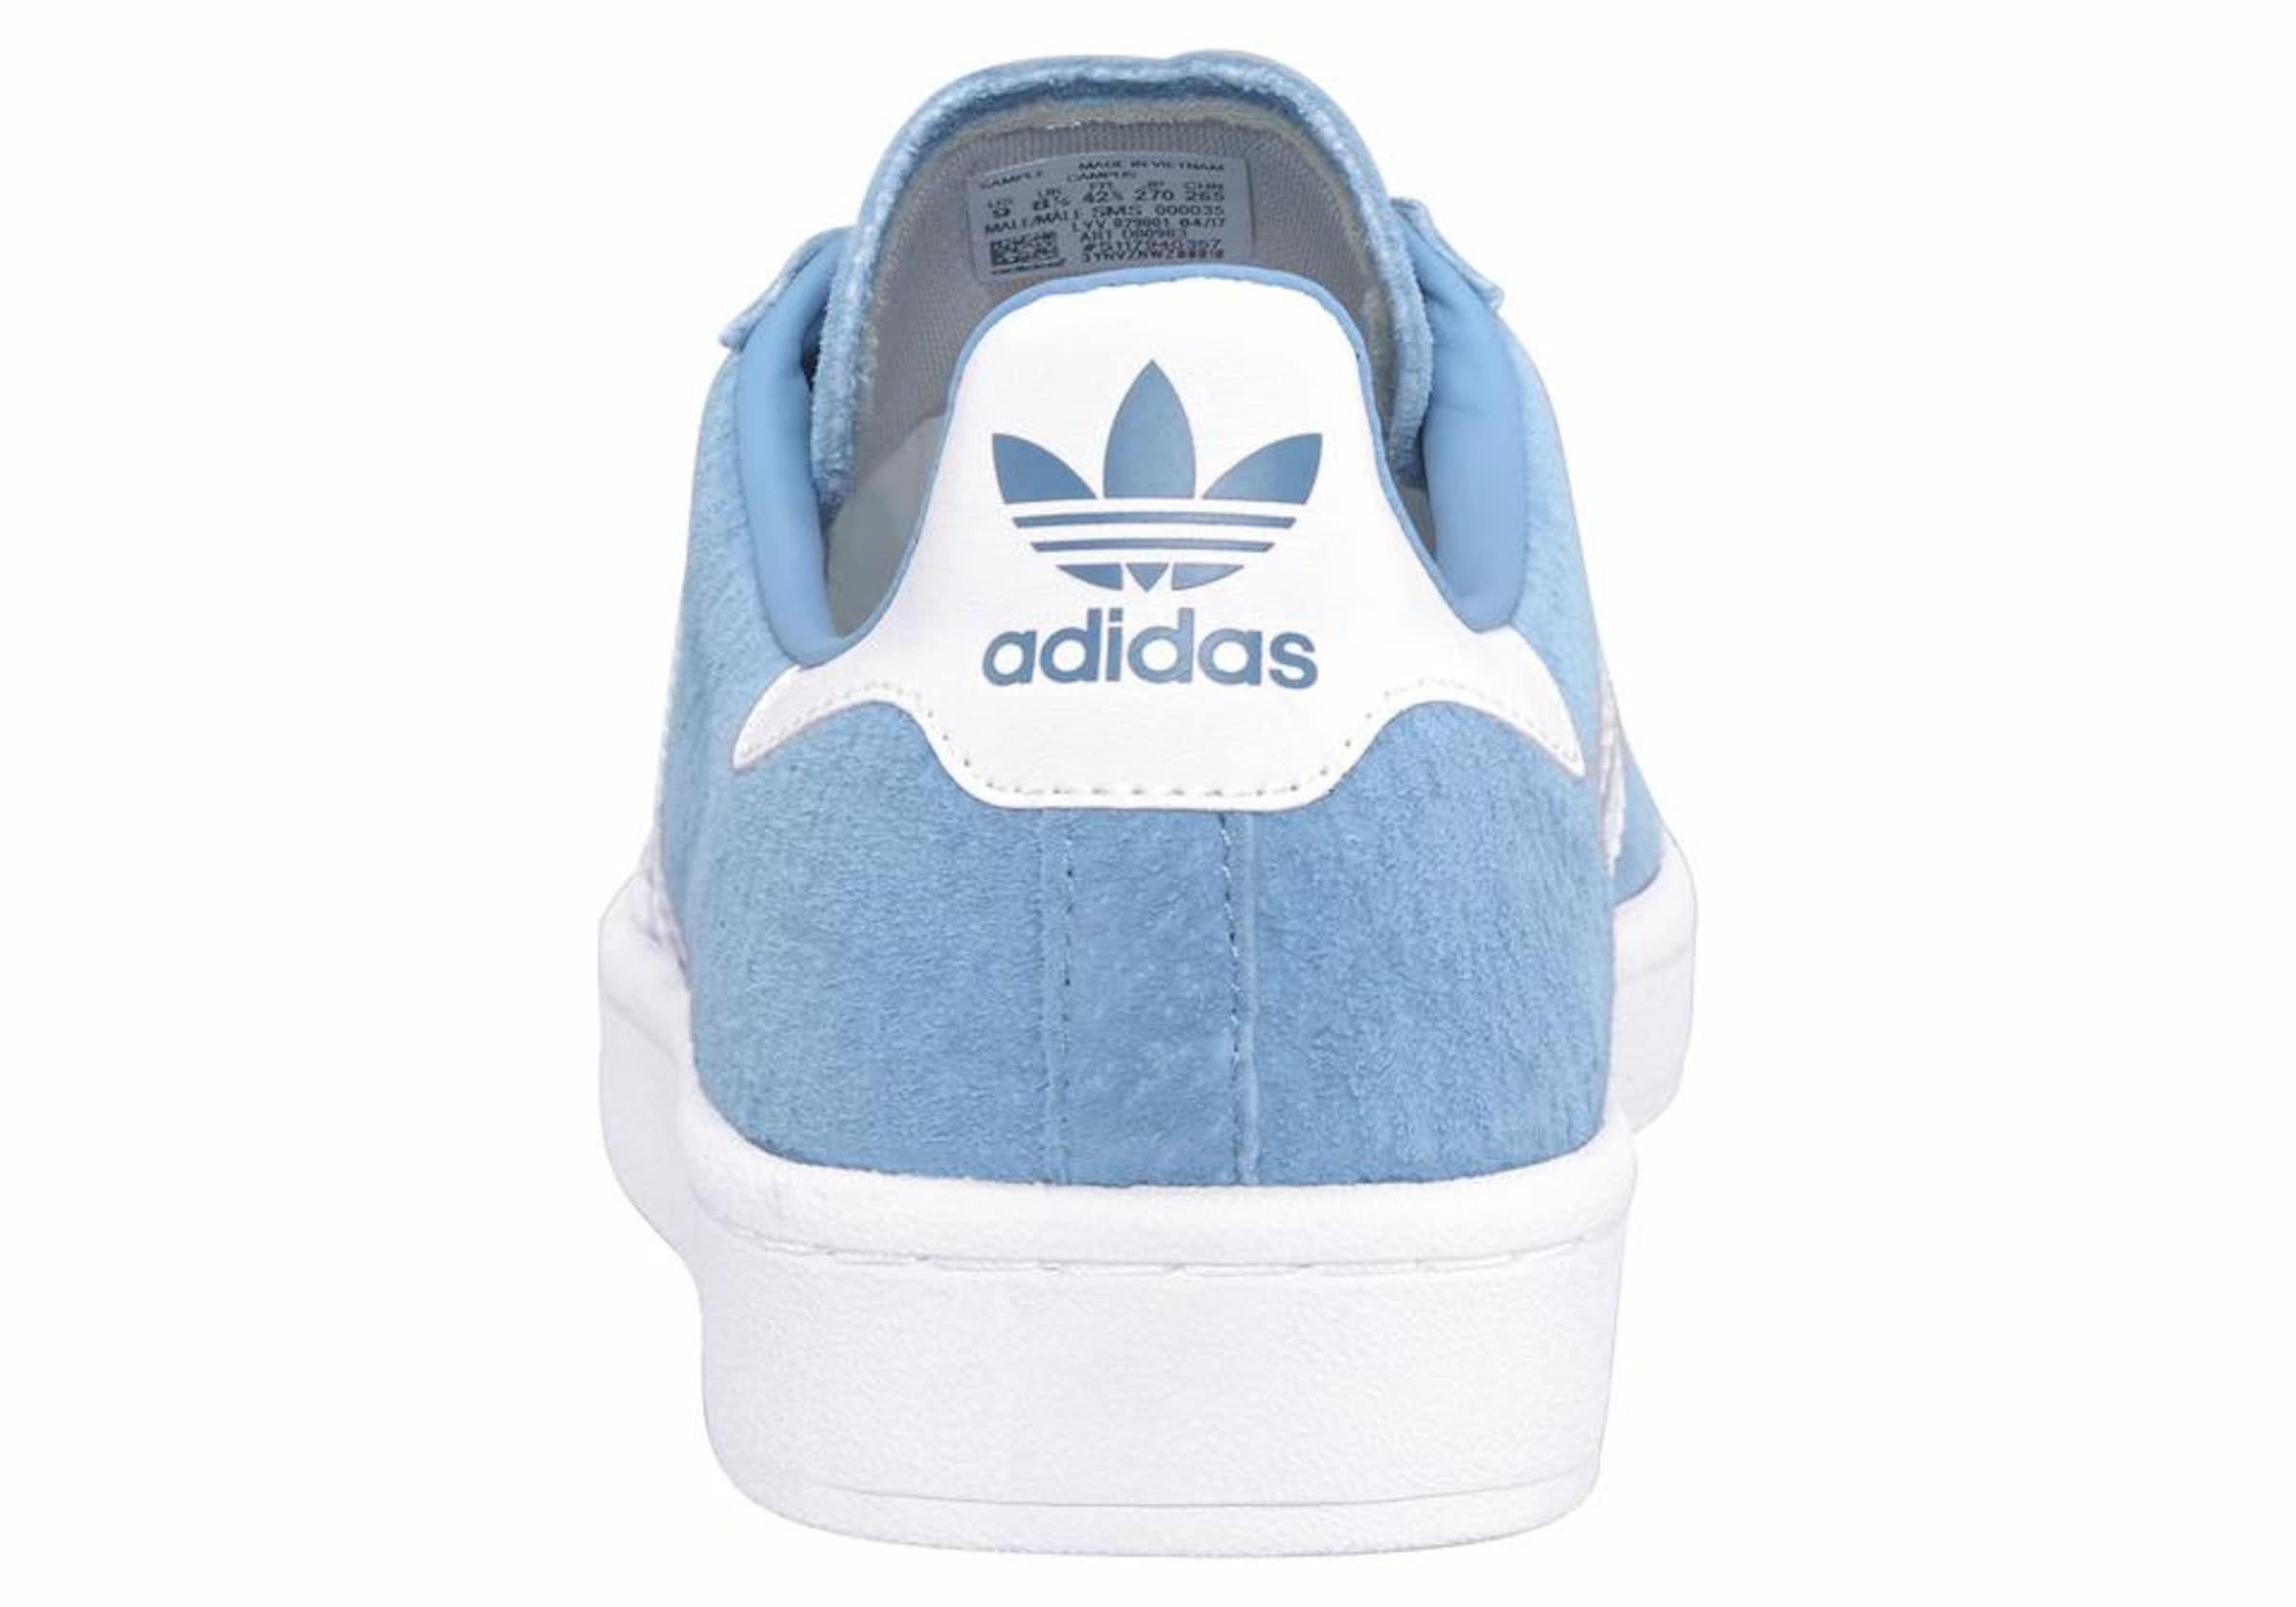 Auslass Niedrigen Preis Versandgebühr ADIDAS ORIGINALS Sneaker 'Campus' Angebot Zum Verkauf gmR5hPwY3Q